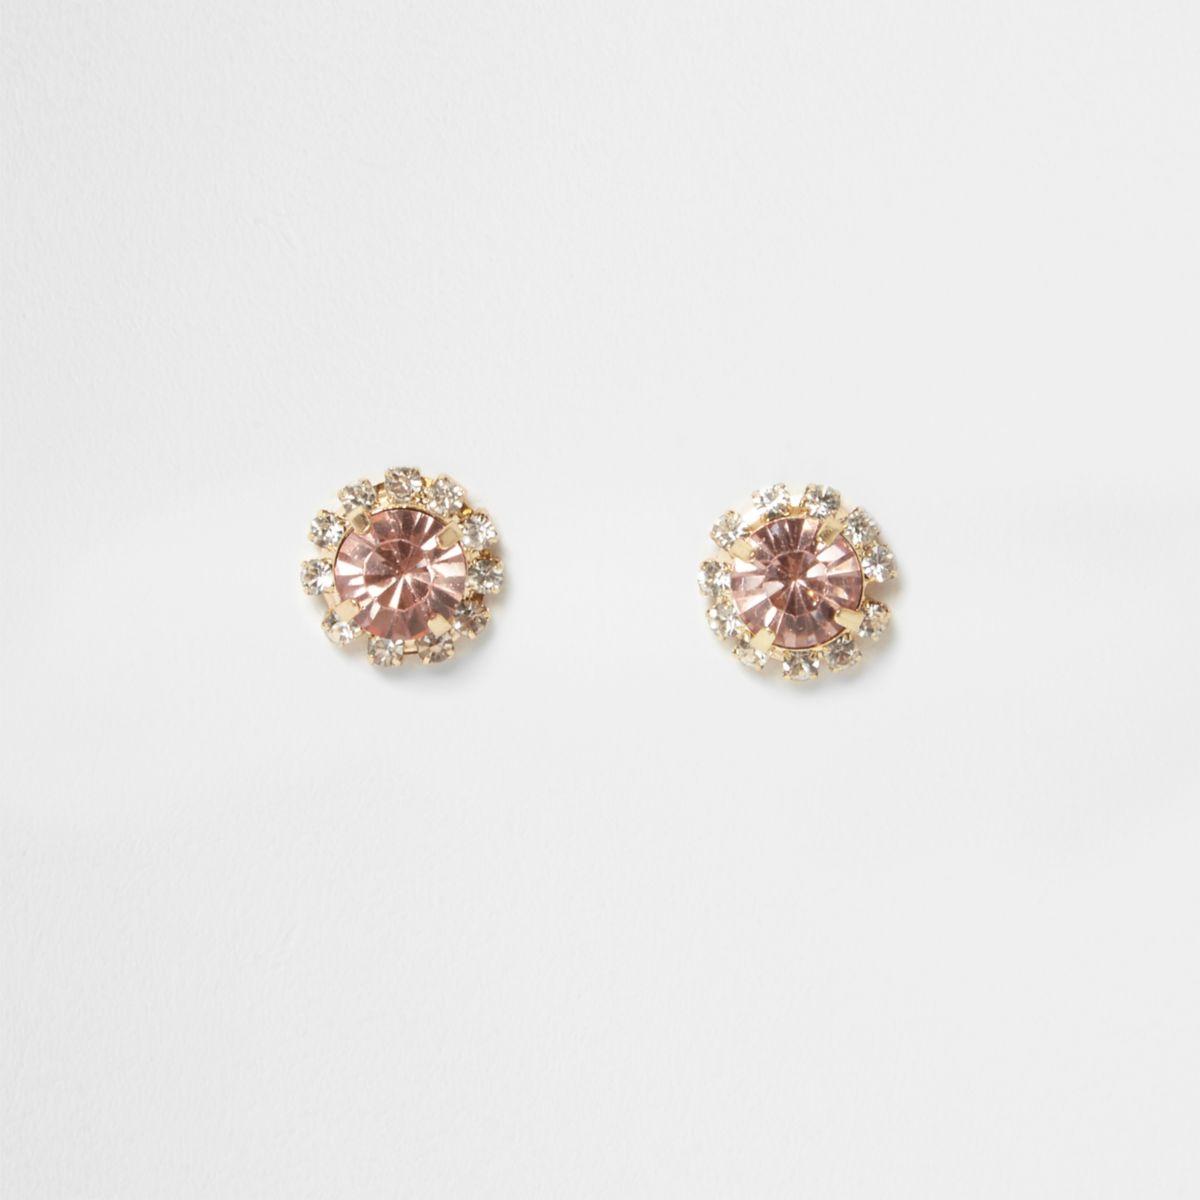 Pink stone diamante stud earrings